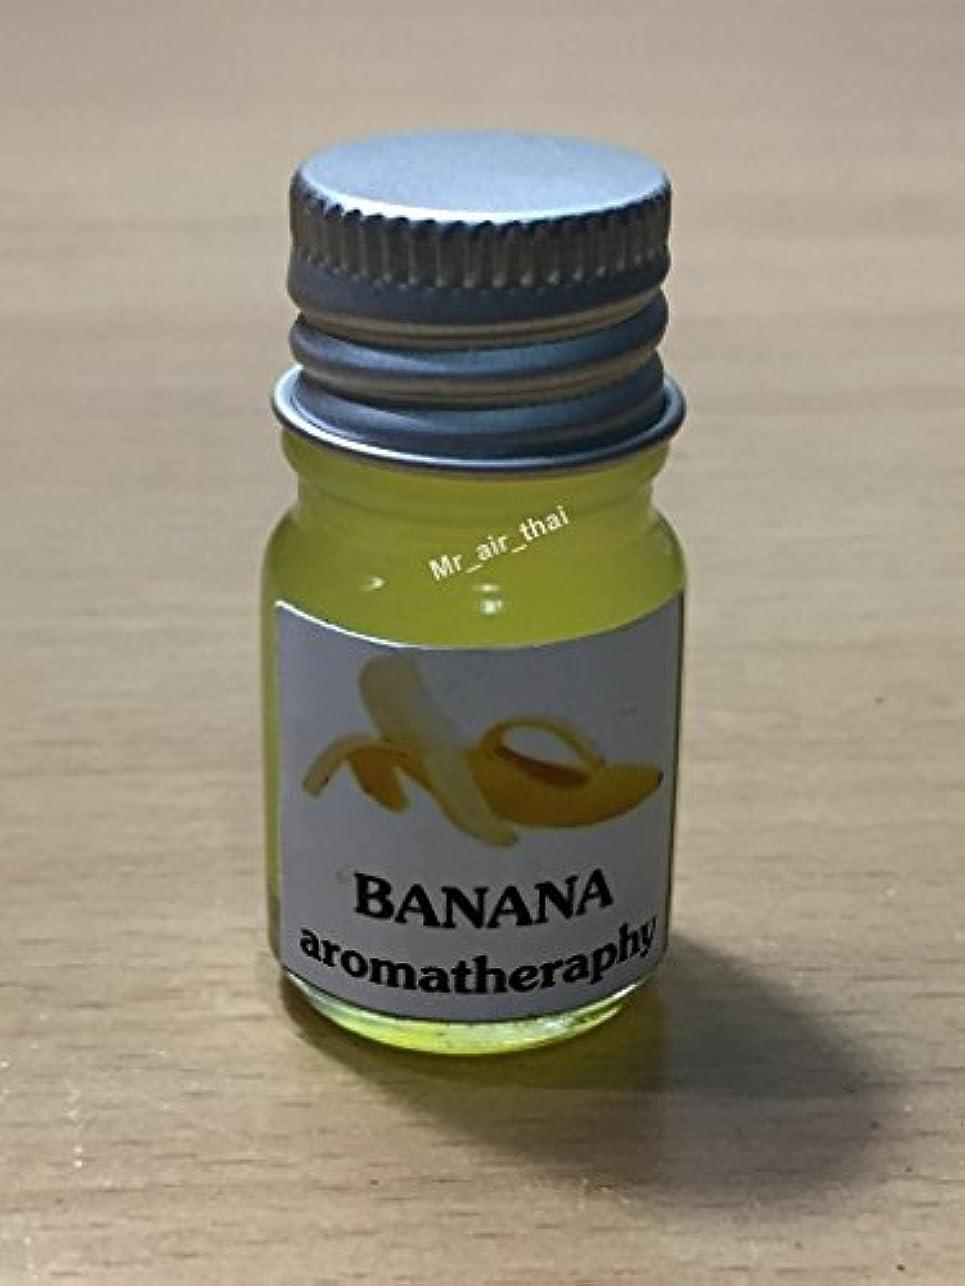 中央リーン修理工5ミリリットルアロマバナナフランクインセンスエッセンシャルオイルボトルアロマテラピーオイル自然自然5ml Aroma Banana Frankincense Essential Oil Bottles Aromatherapy...